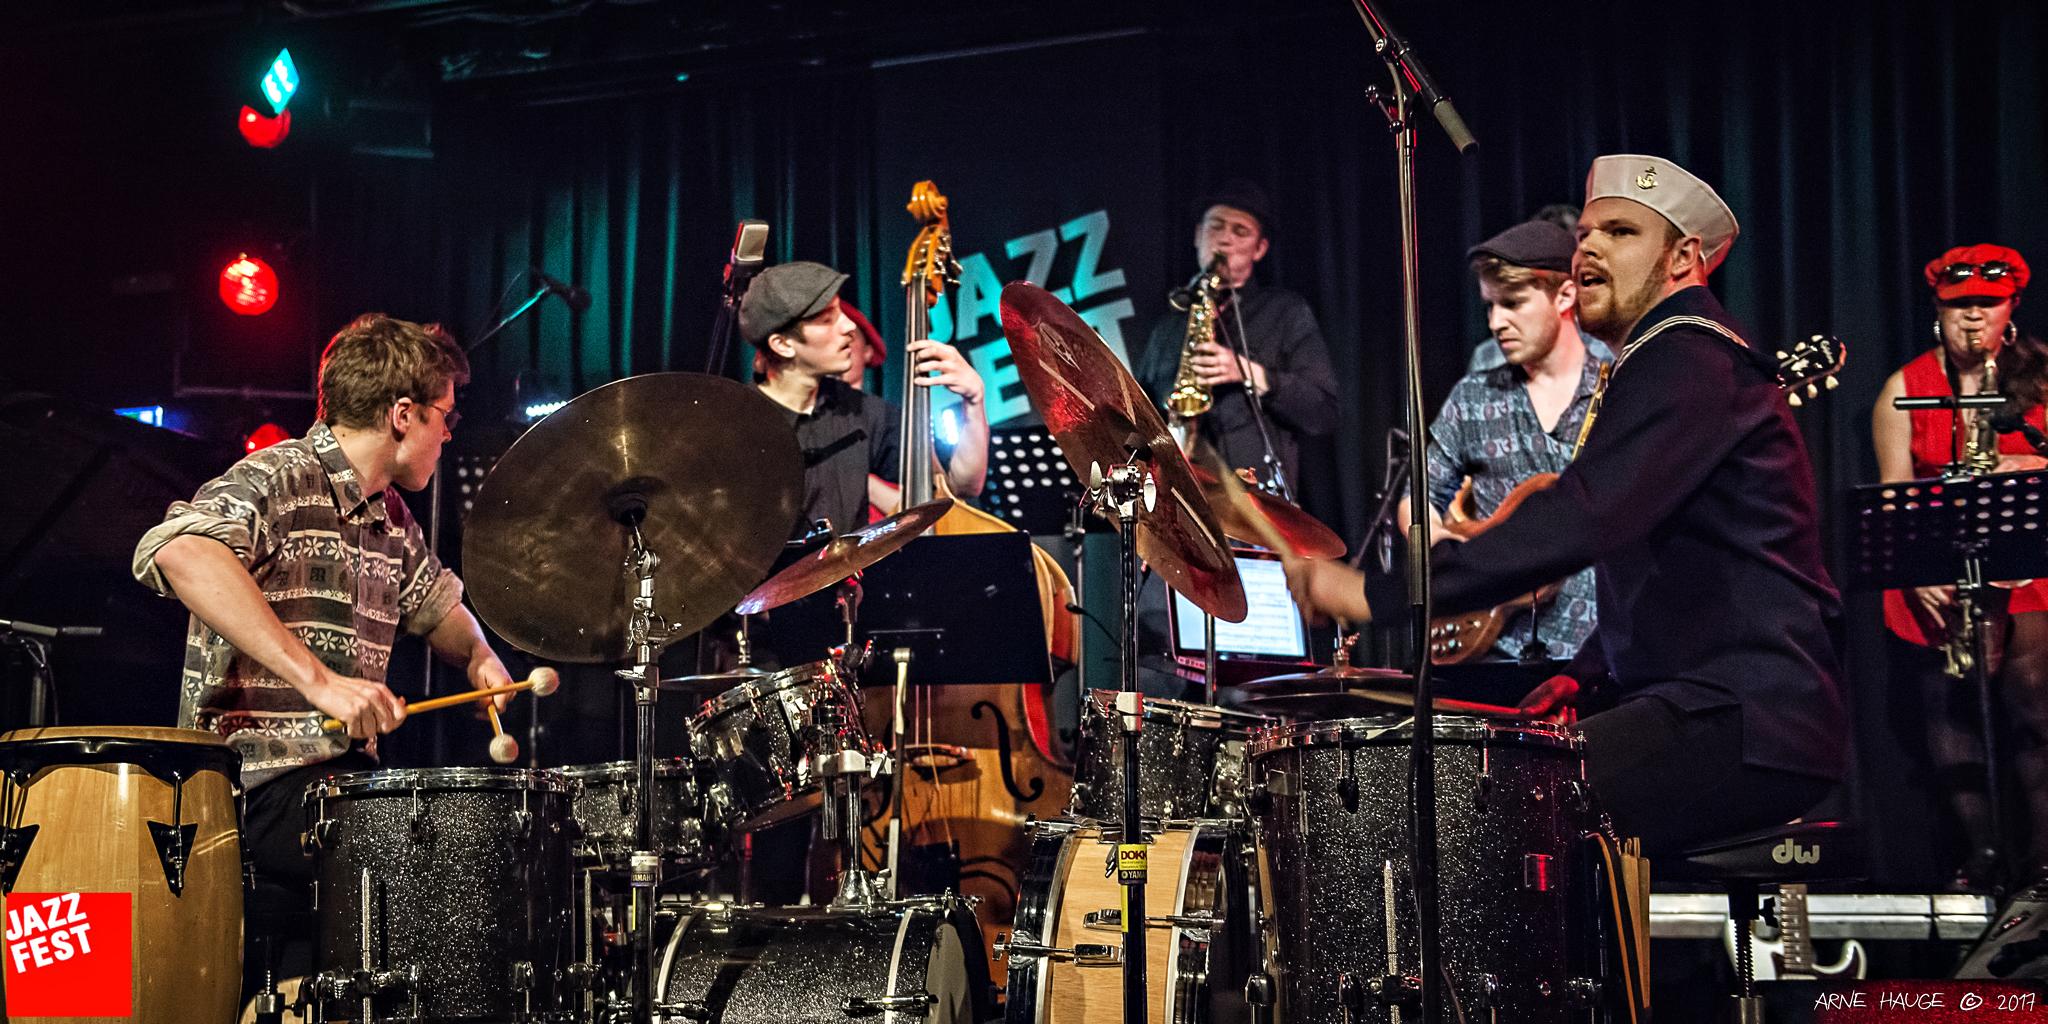 NTNU Jazz + Skjerve & Formo vs Tre Smaa Kinesere_18.jpg